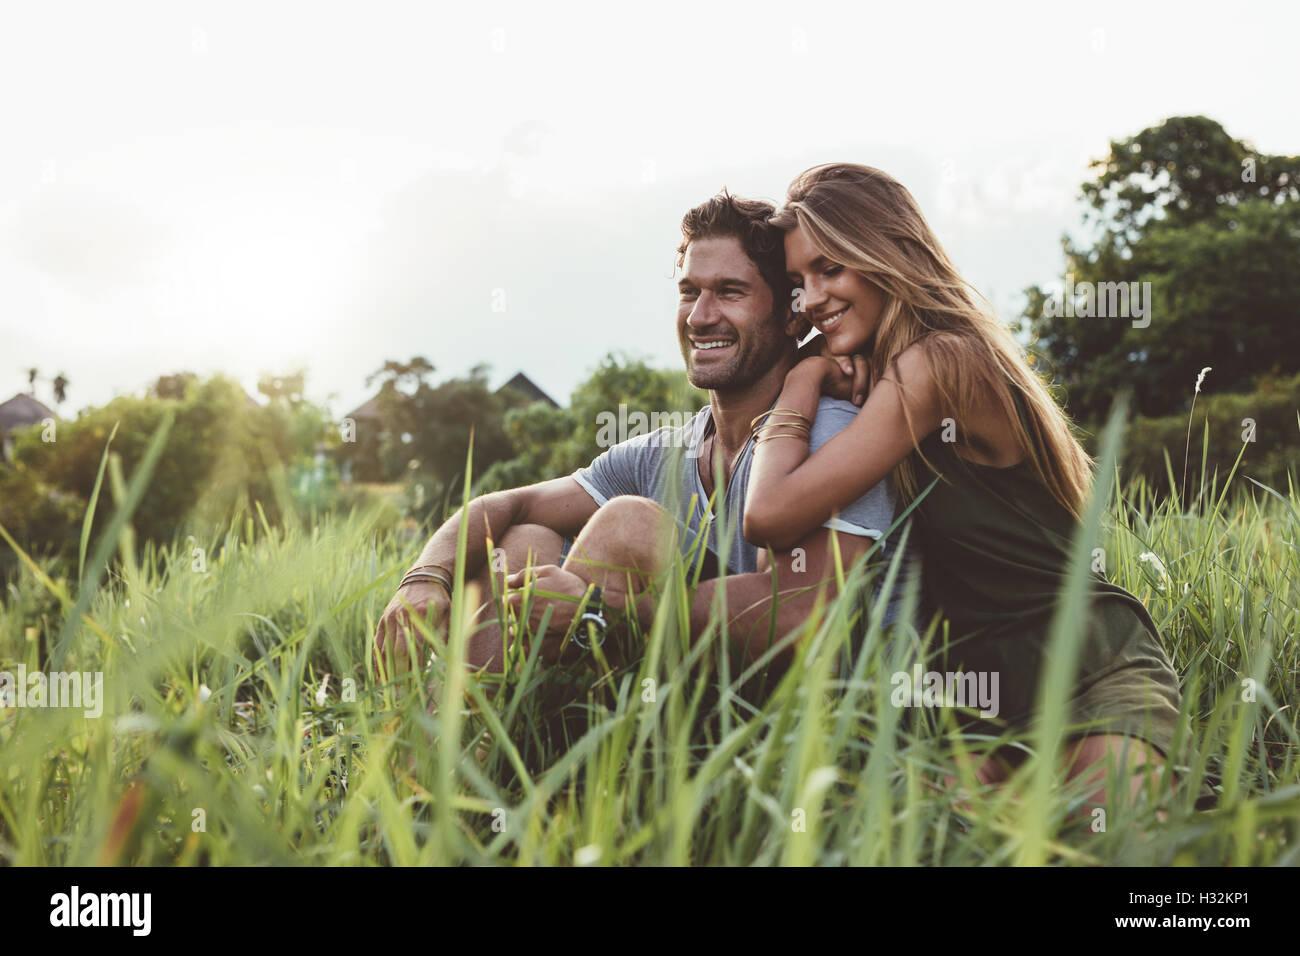 Disparó al aire libre de jóvenes amantes felices sentados en el prado. Feliz pareja joven en la hierba. Imagen De Stock